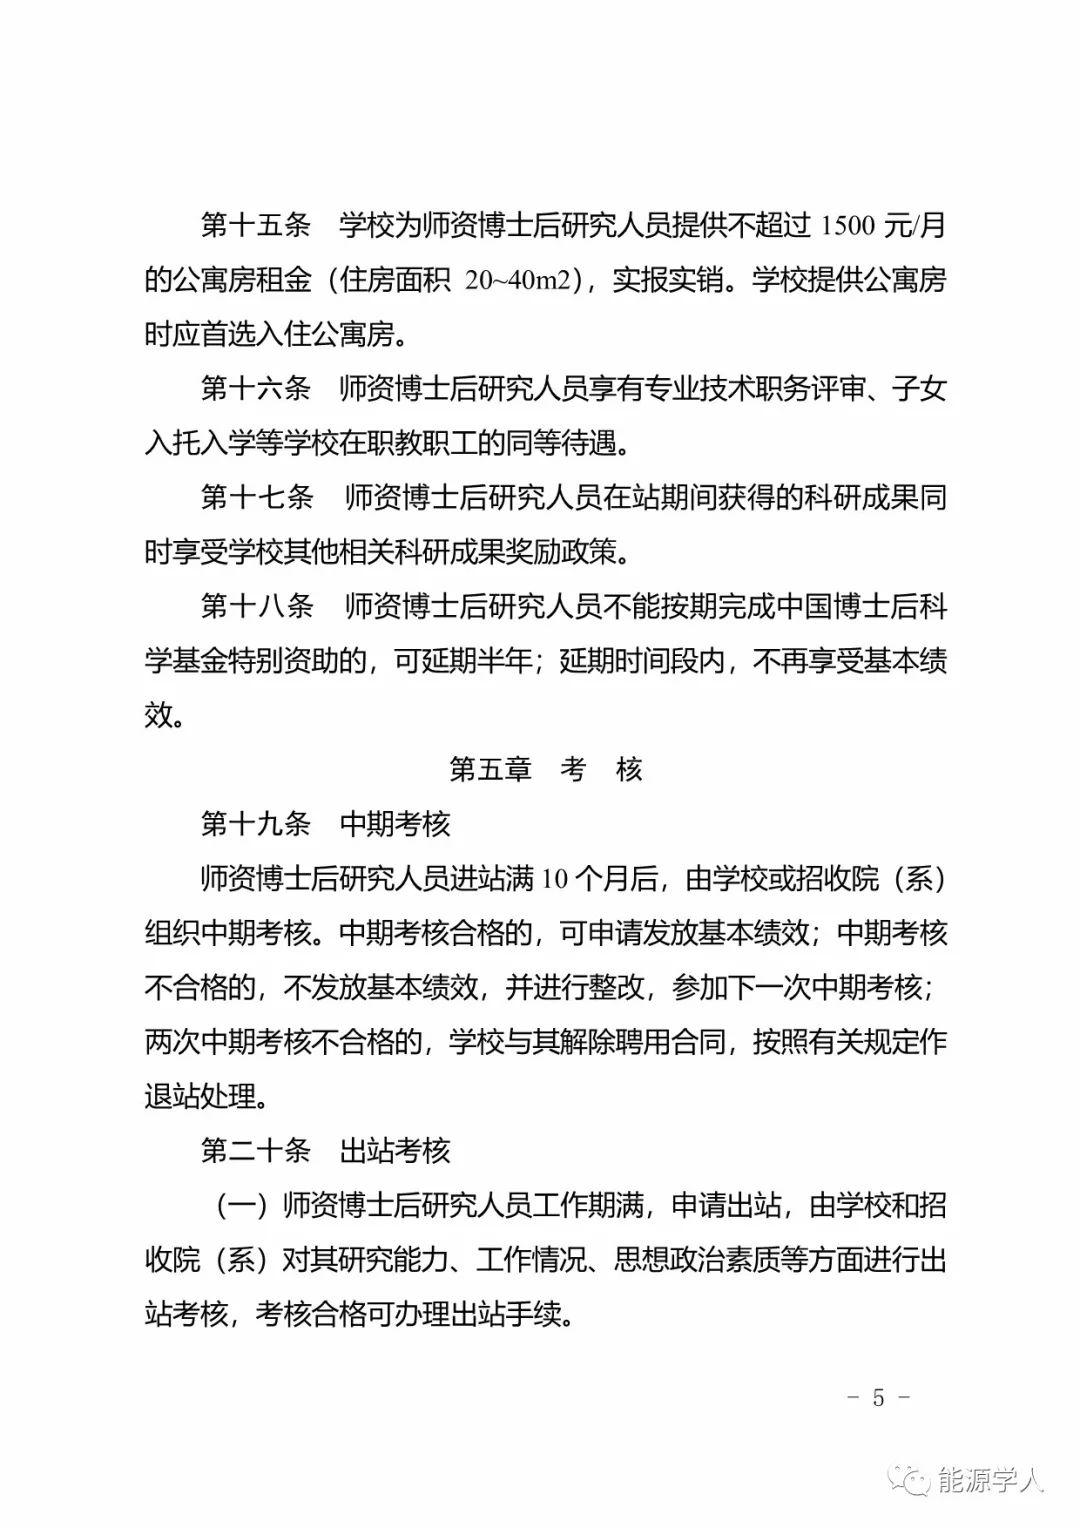 郑州大学师资博士后实施办法